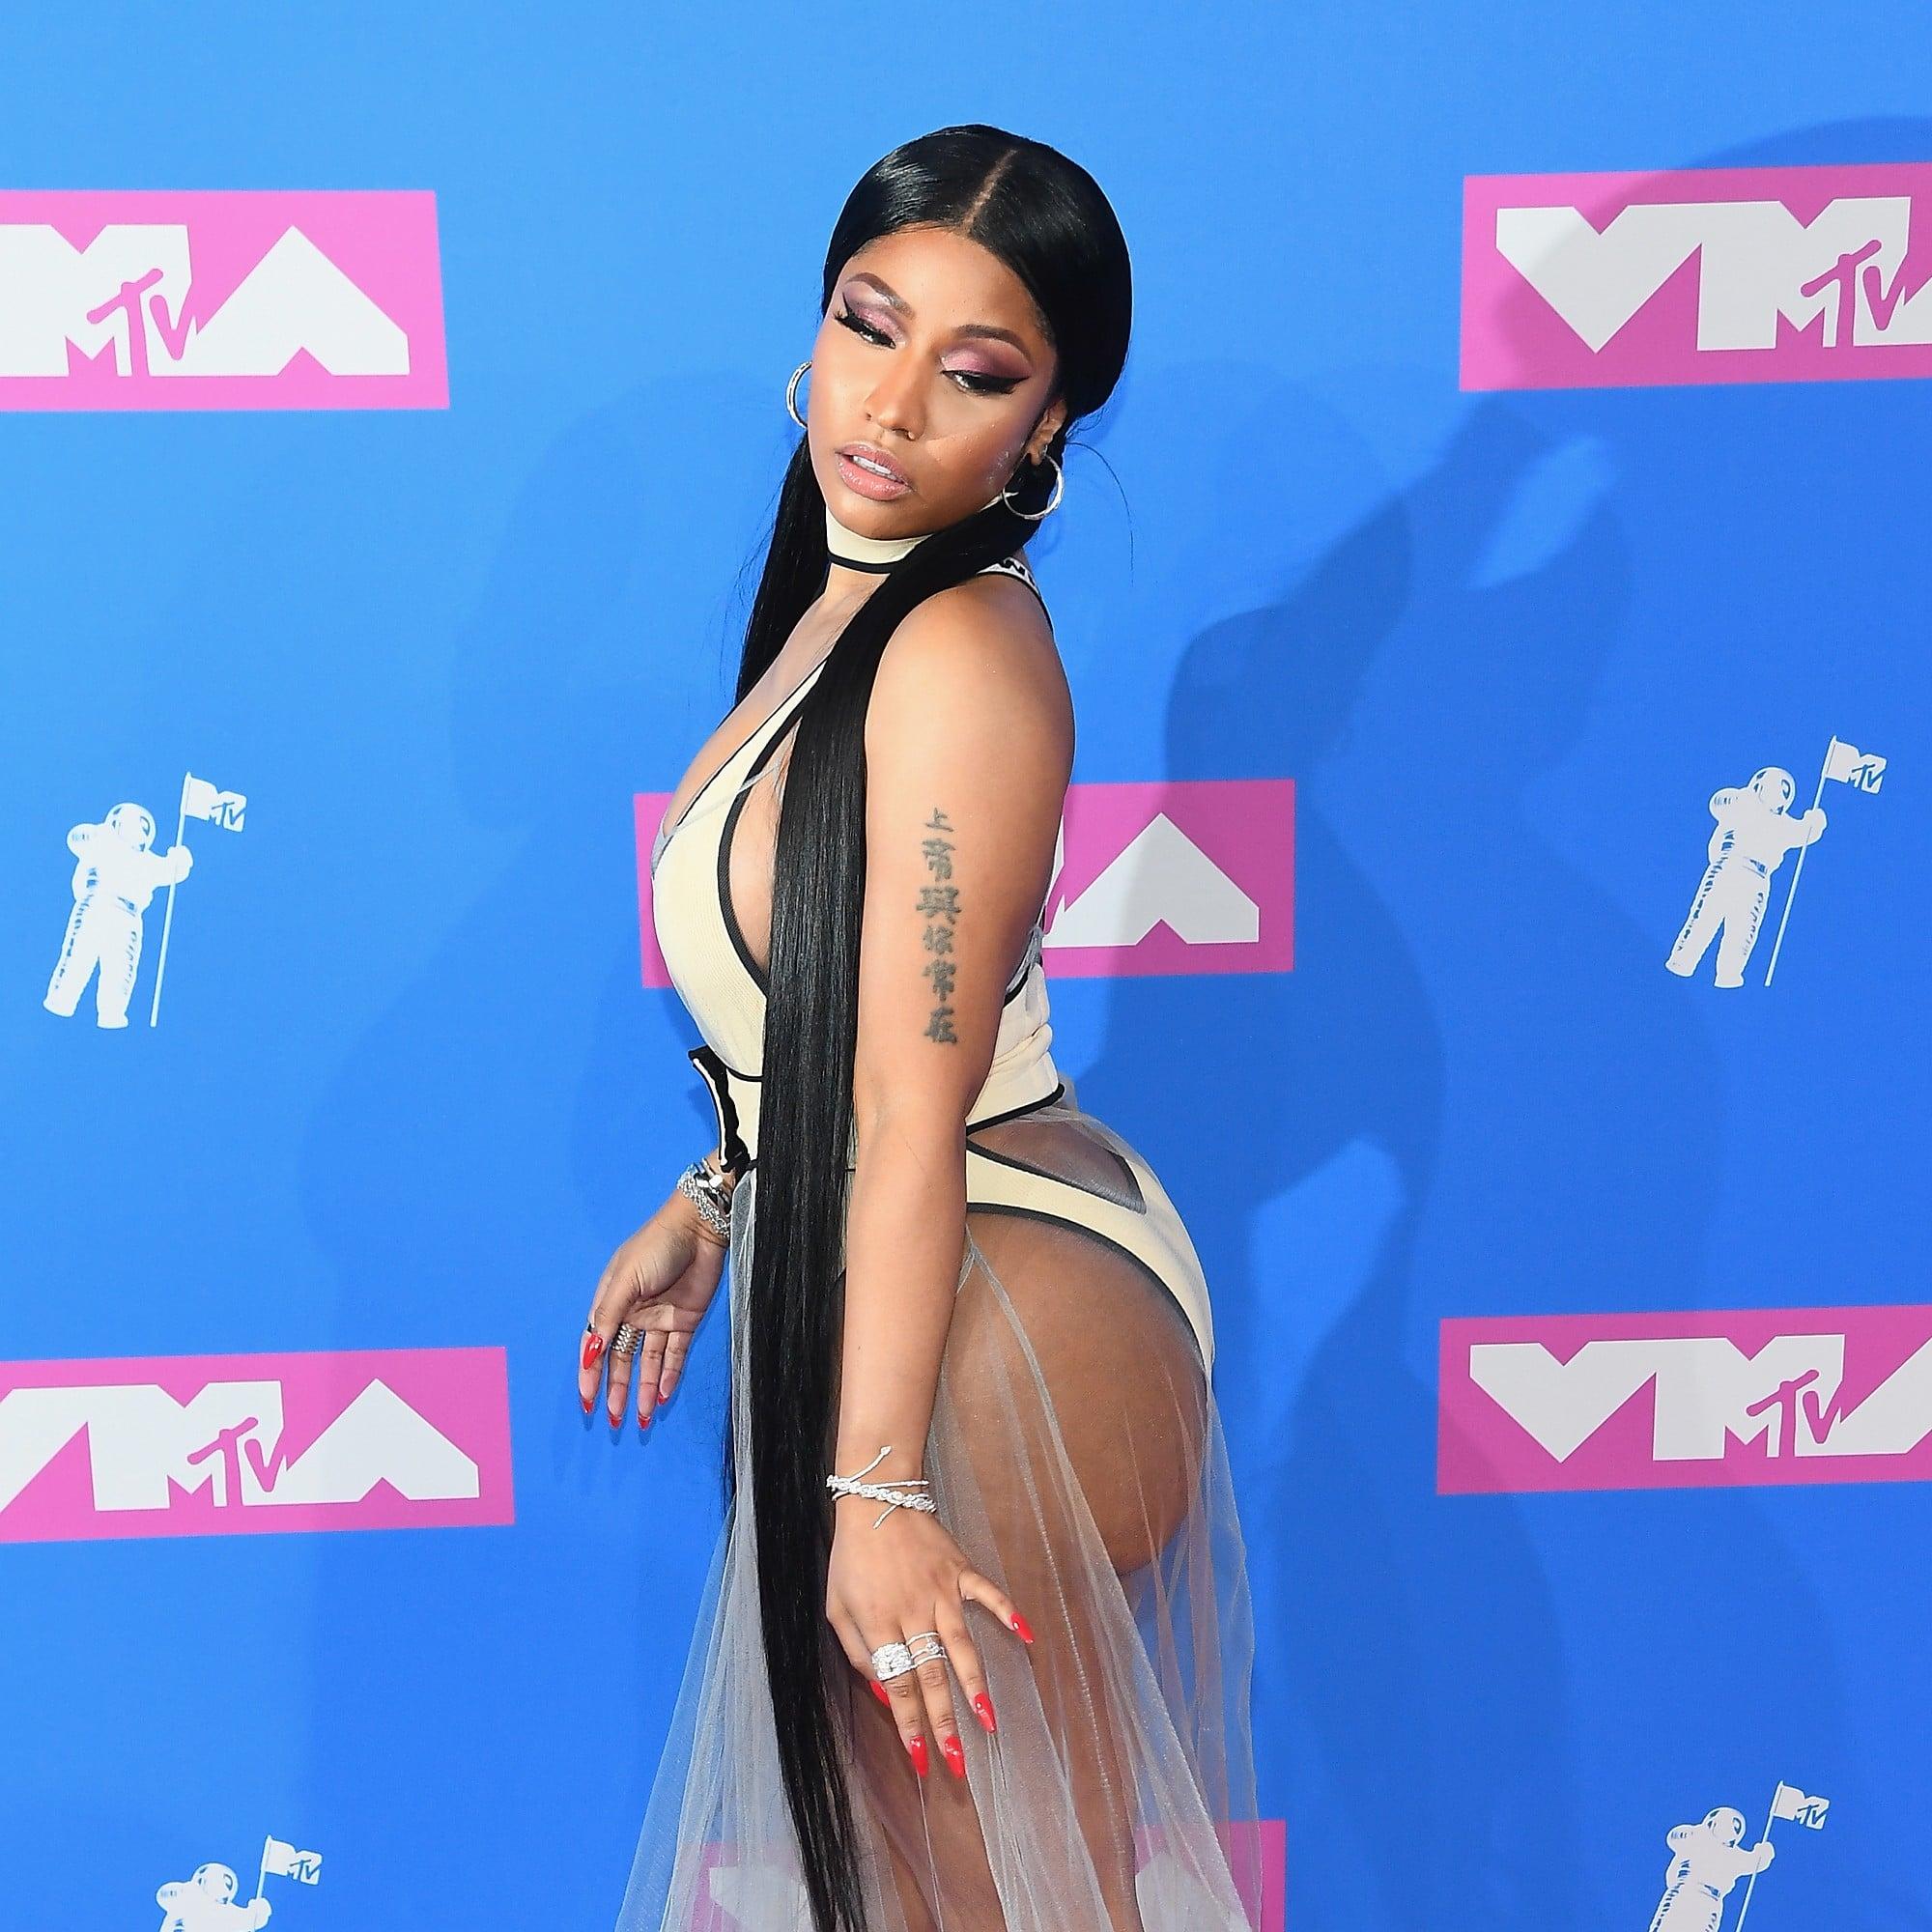 Minaj Nicki vma pictures video